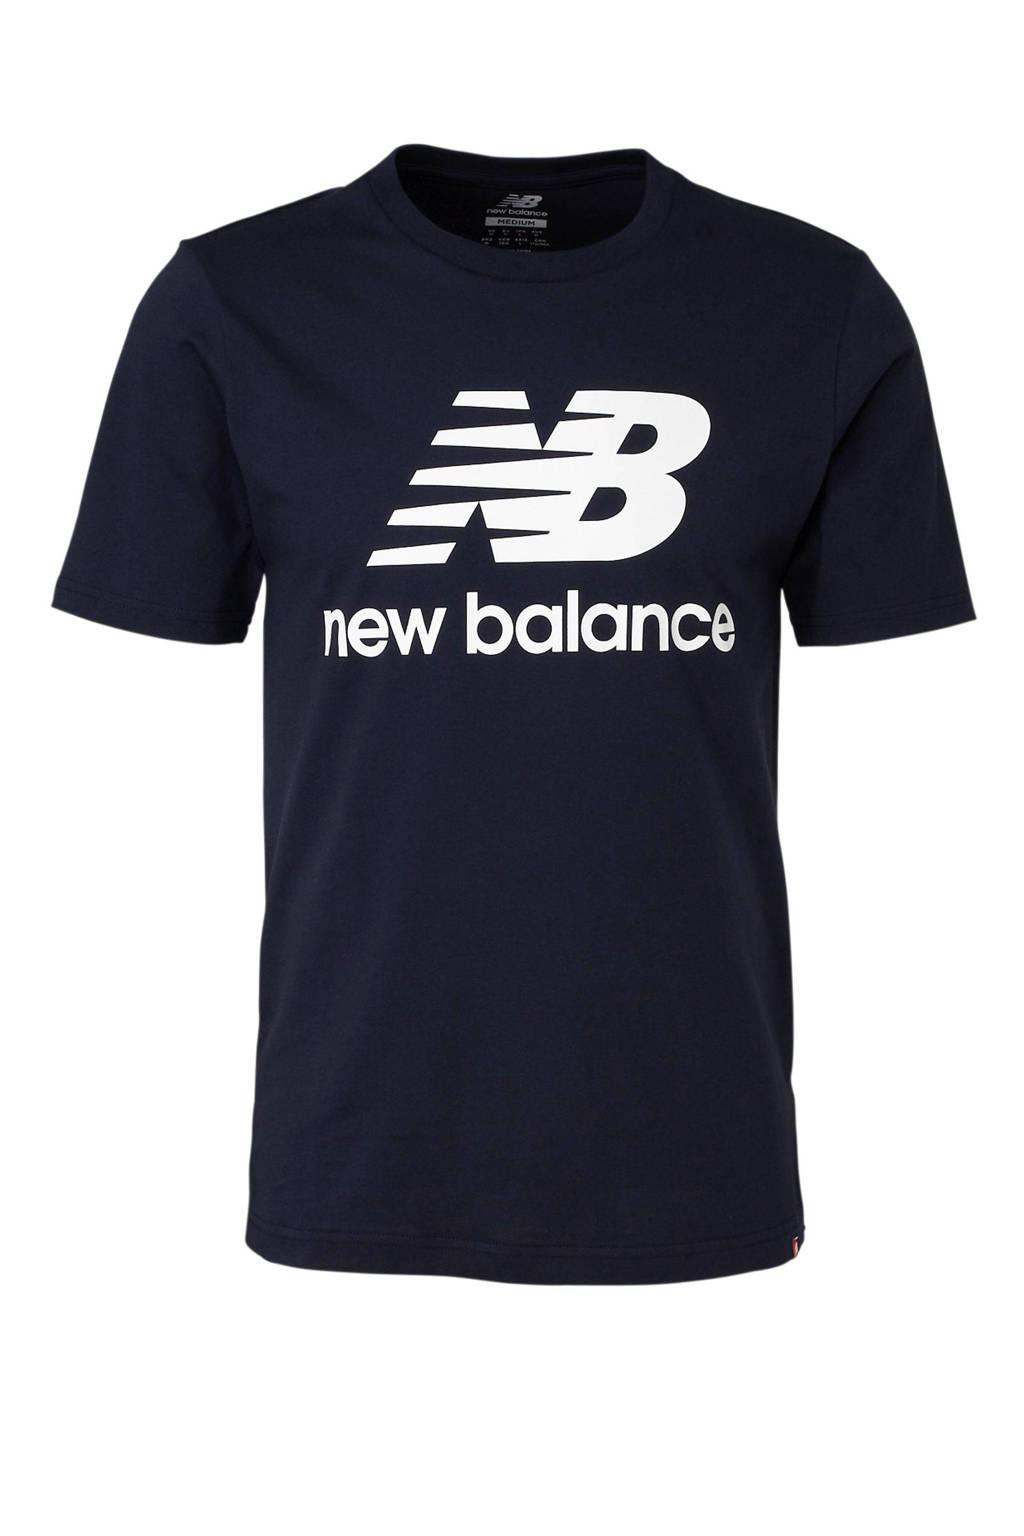 New Balance   T-shirt donkerblauw, Donkerblauw/wit